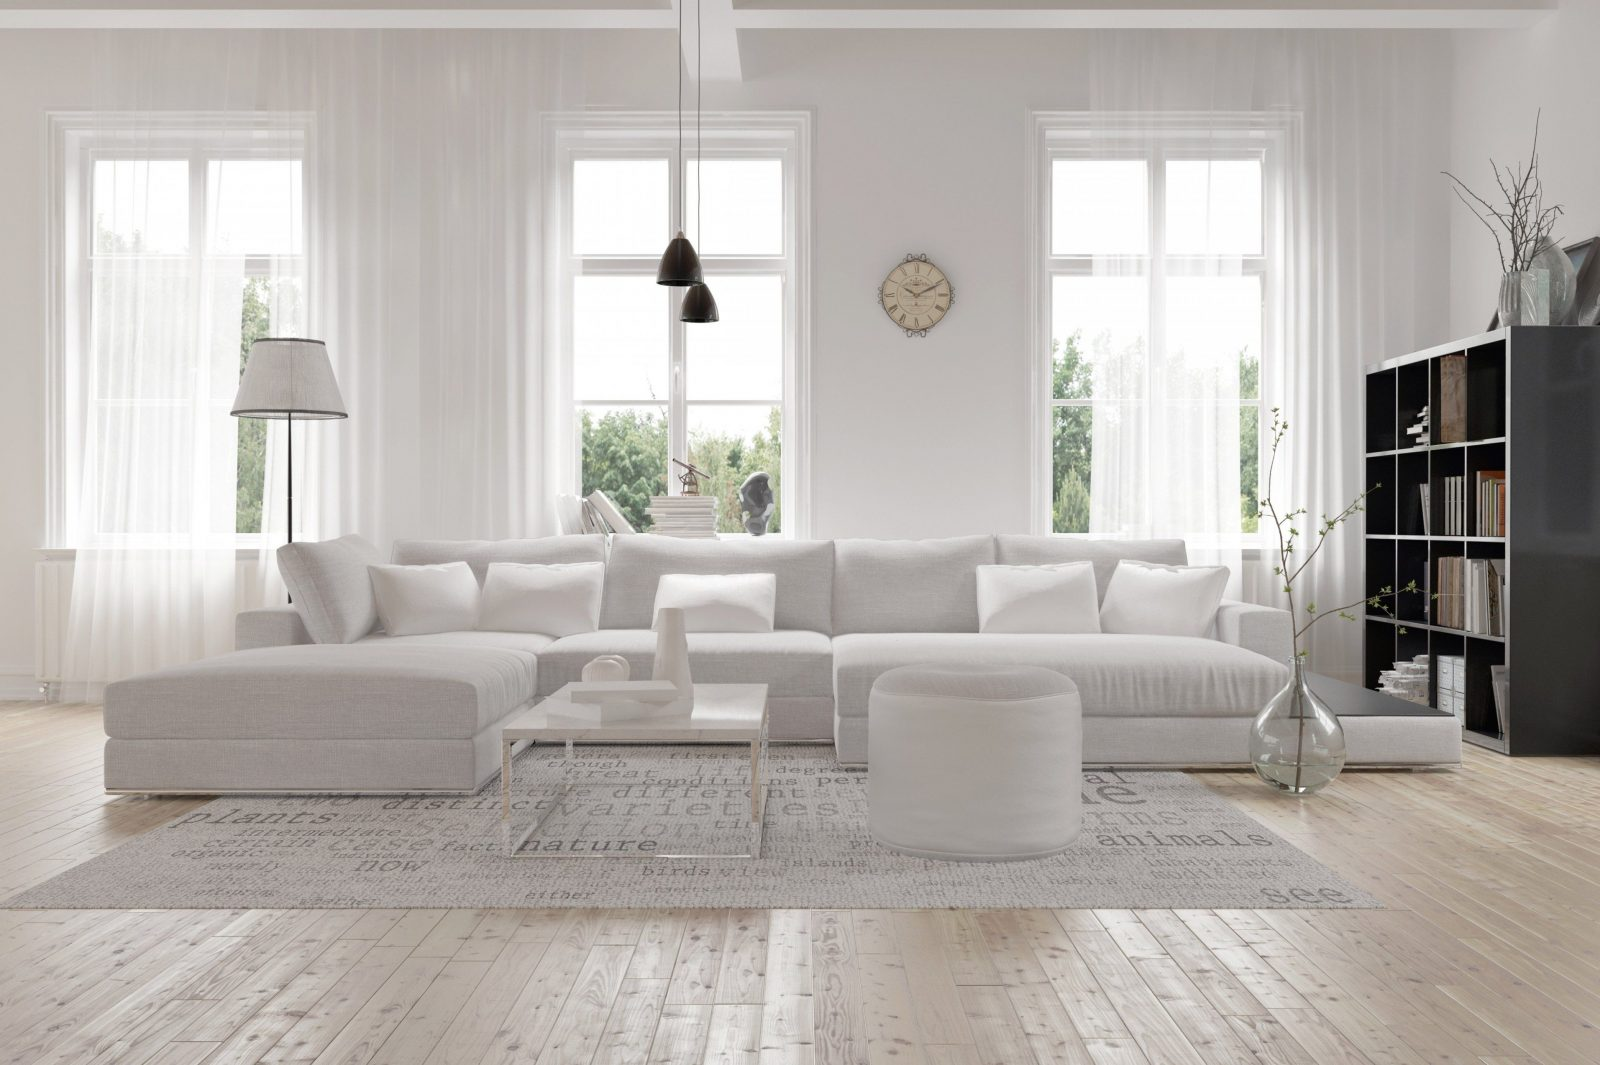 Welche Wandfarbe Passt Zu Dunkelbraunen Möbeln Elegant Dunkle Möbel von Welche Wandfarbe Passt Zu Dunkelbraunen Möbeln Photo